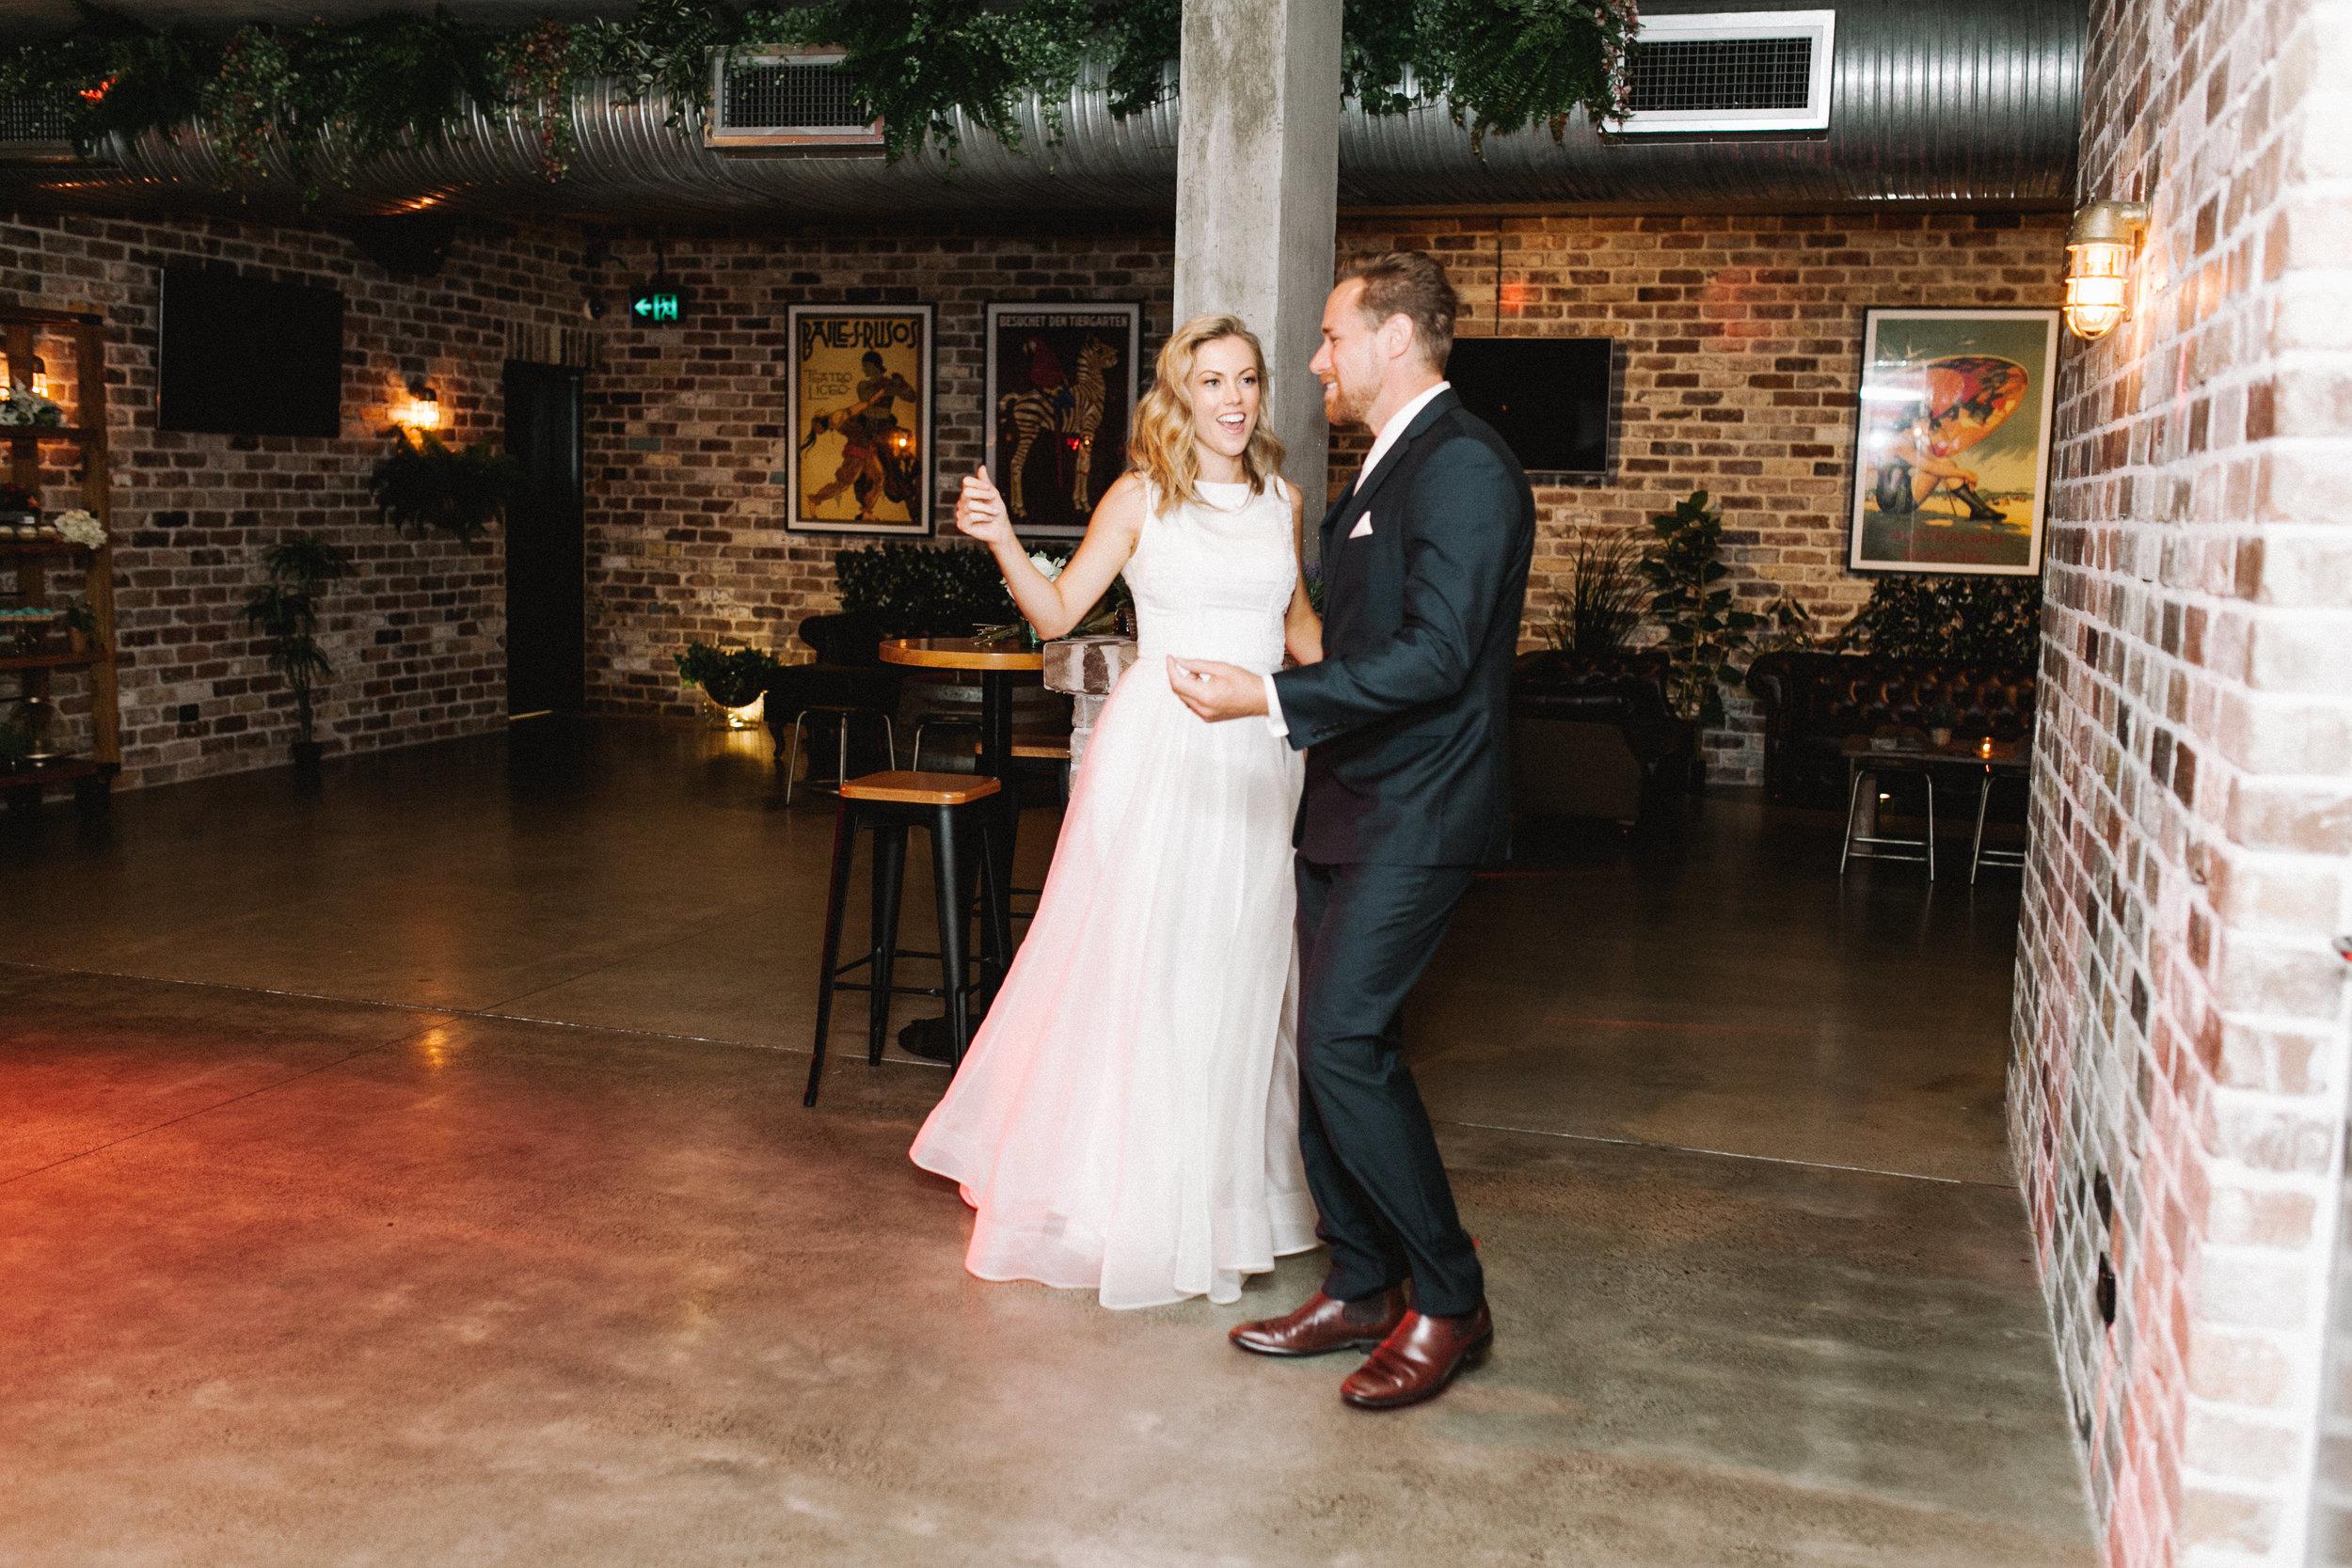 wedding-photography-brisbane-sandstone-point-hotel-bribie-island-reception-8.jpg